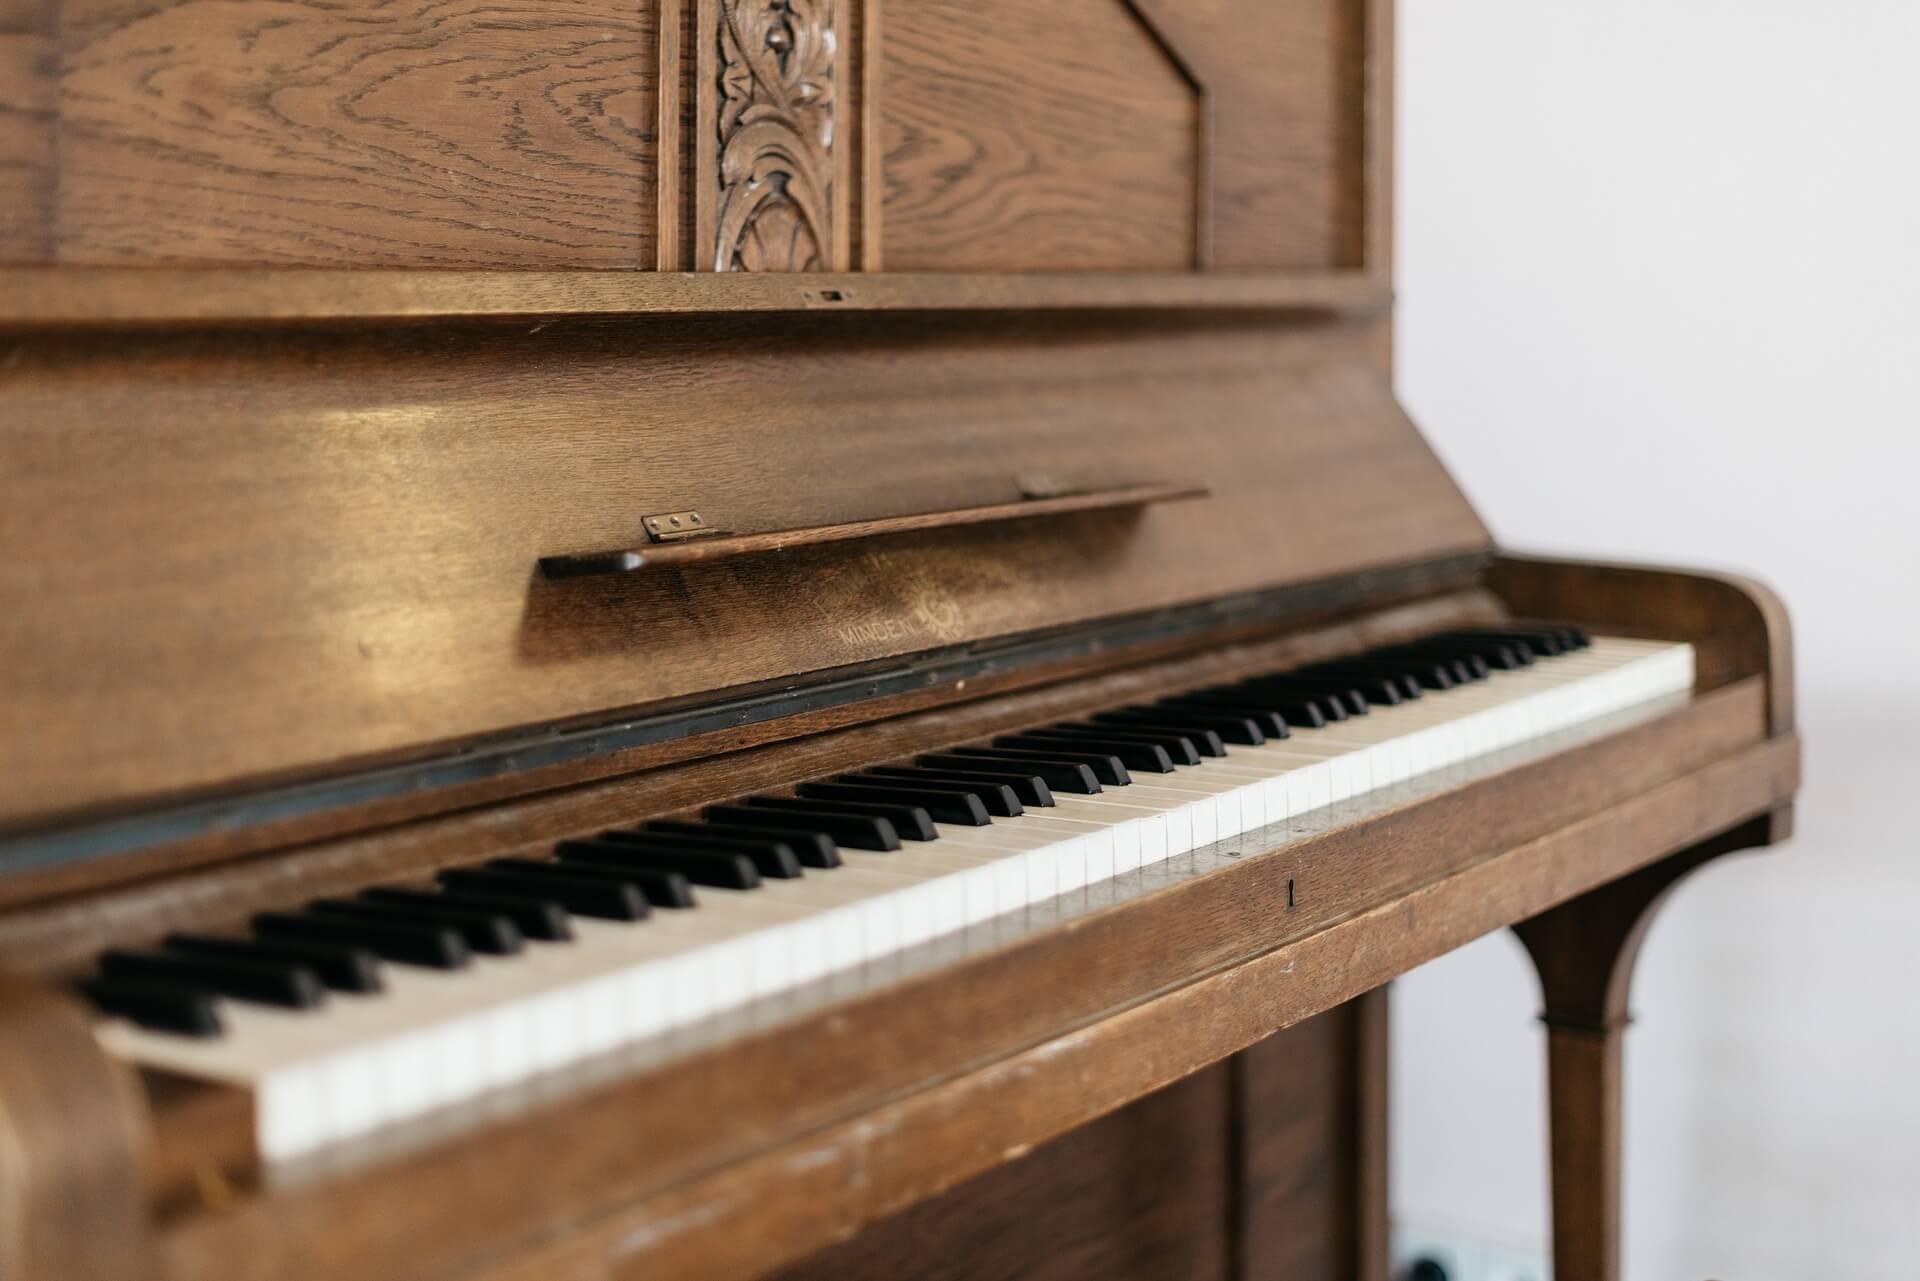 Piano avec une serrure sous le Do du milieu - le Do serrure.